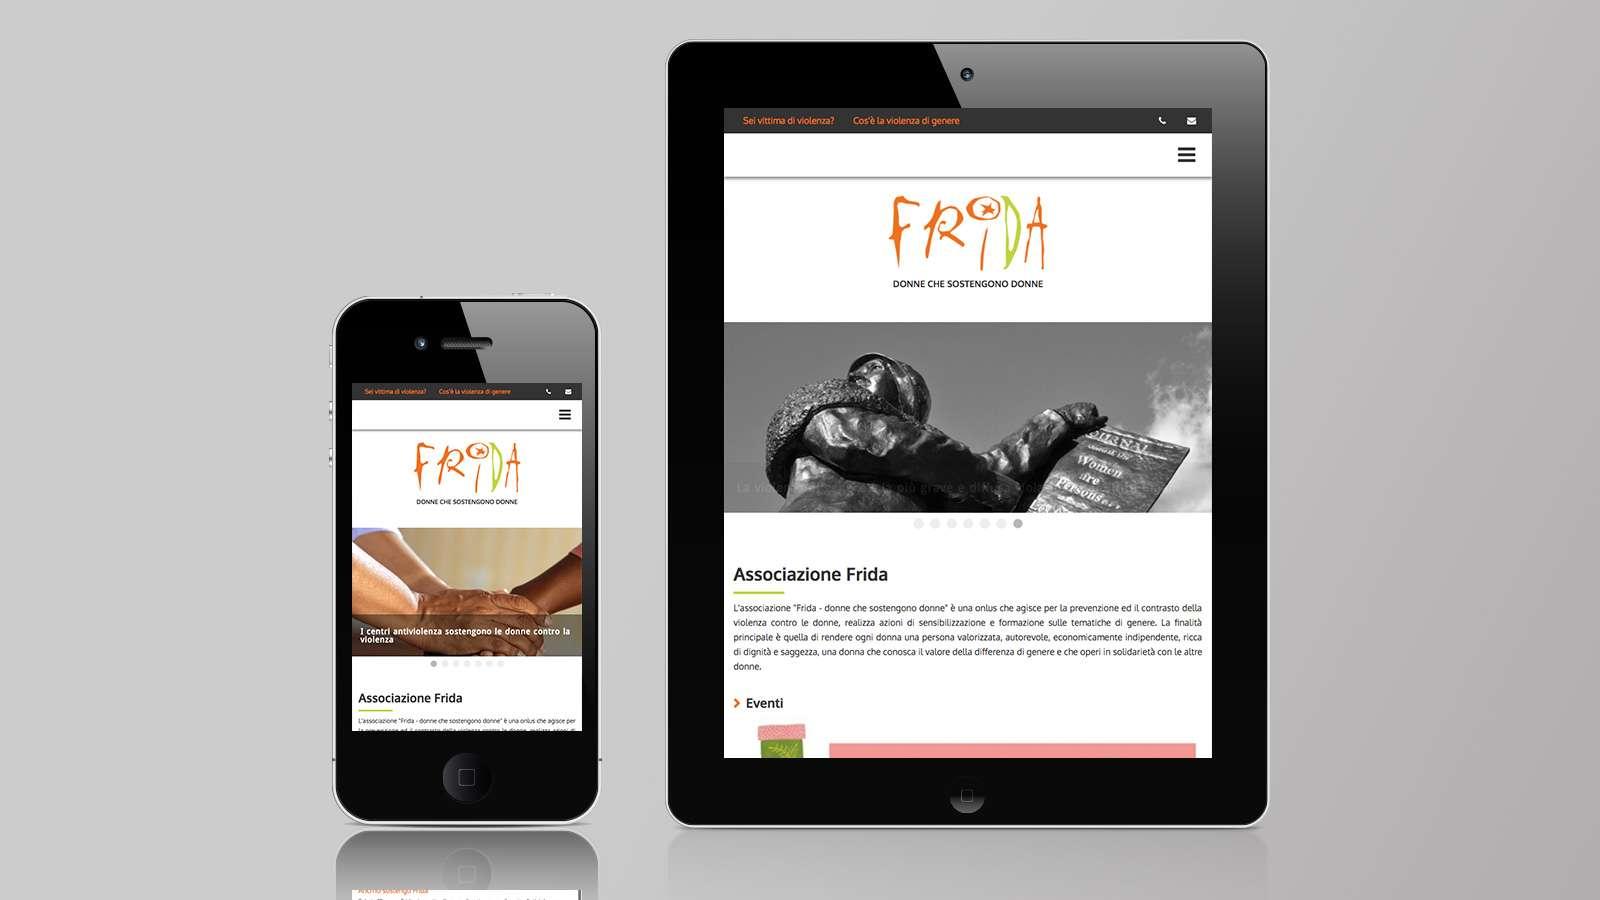 Associazione Frida - Mobile site